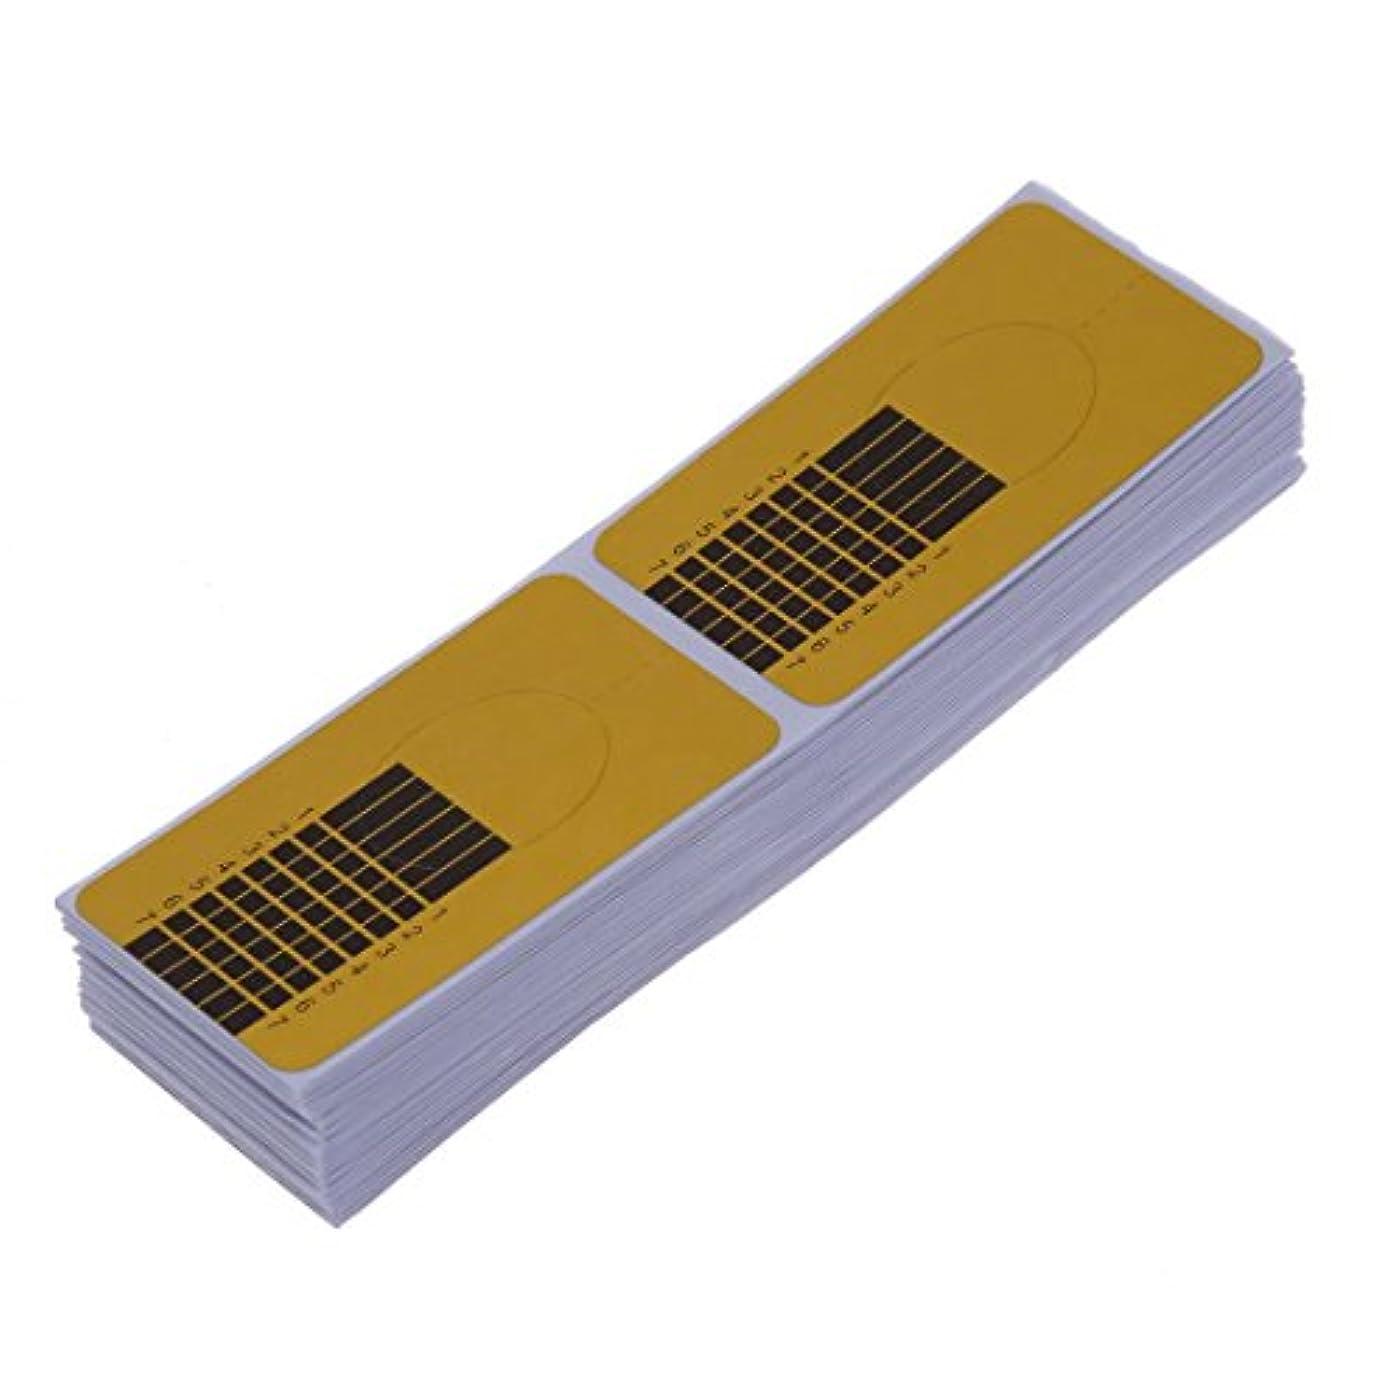 担当者限り光のガイドステッカー,SODIAL(R)100xネイルアートチップ ゴールデン拡張ガイドフォーム DIYツール アクリル系UVジェル